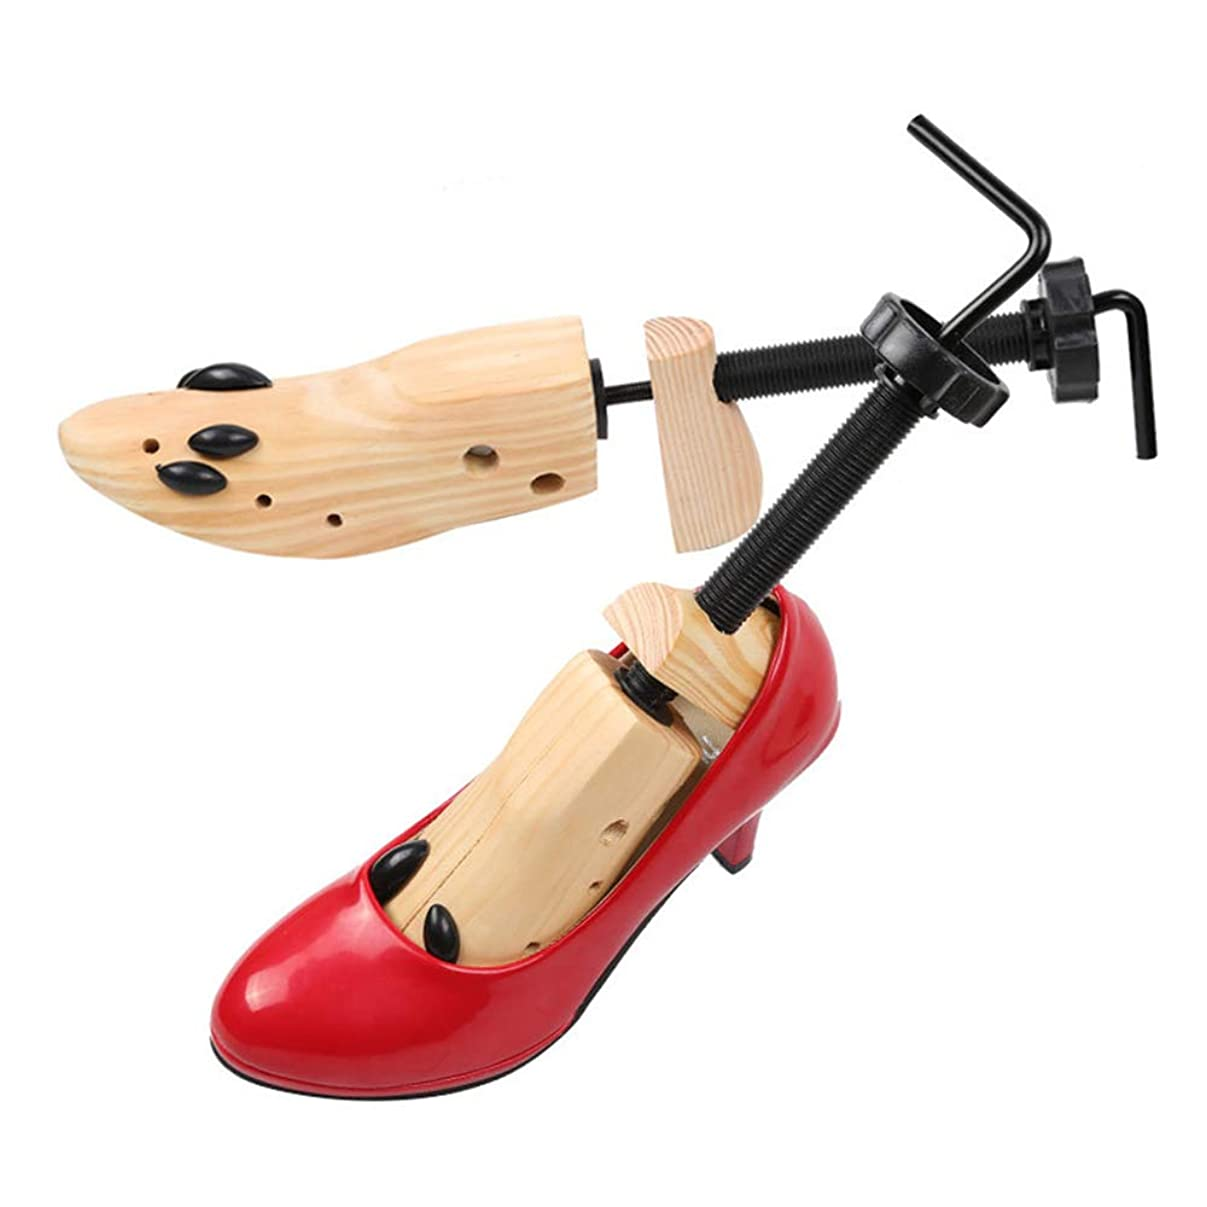 ドナーキリスト放射性LVESHOP 優れた専門の2方向木の靴の木、男性か女性のための木の靴担架のペア (Size : Medium)